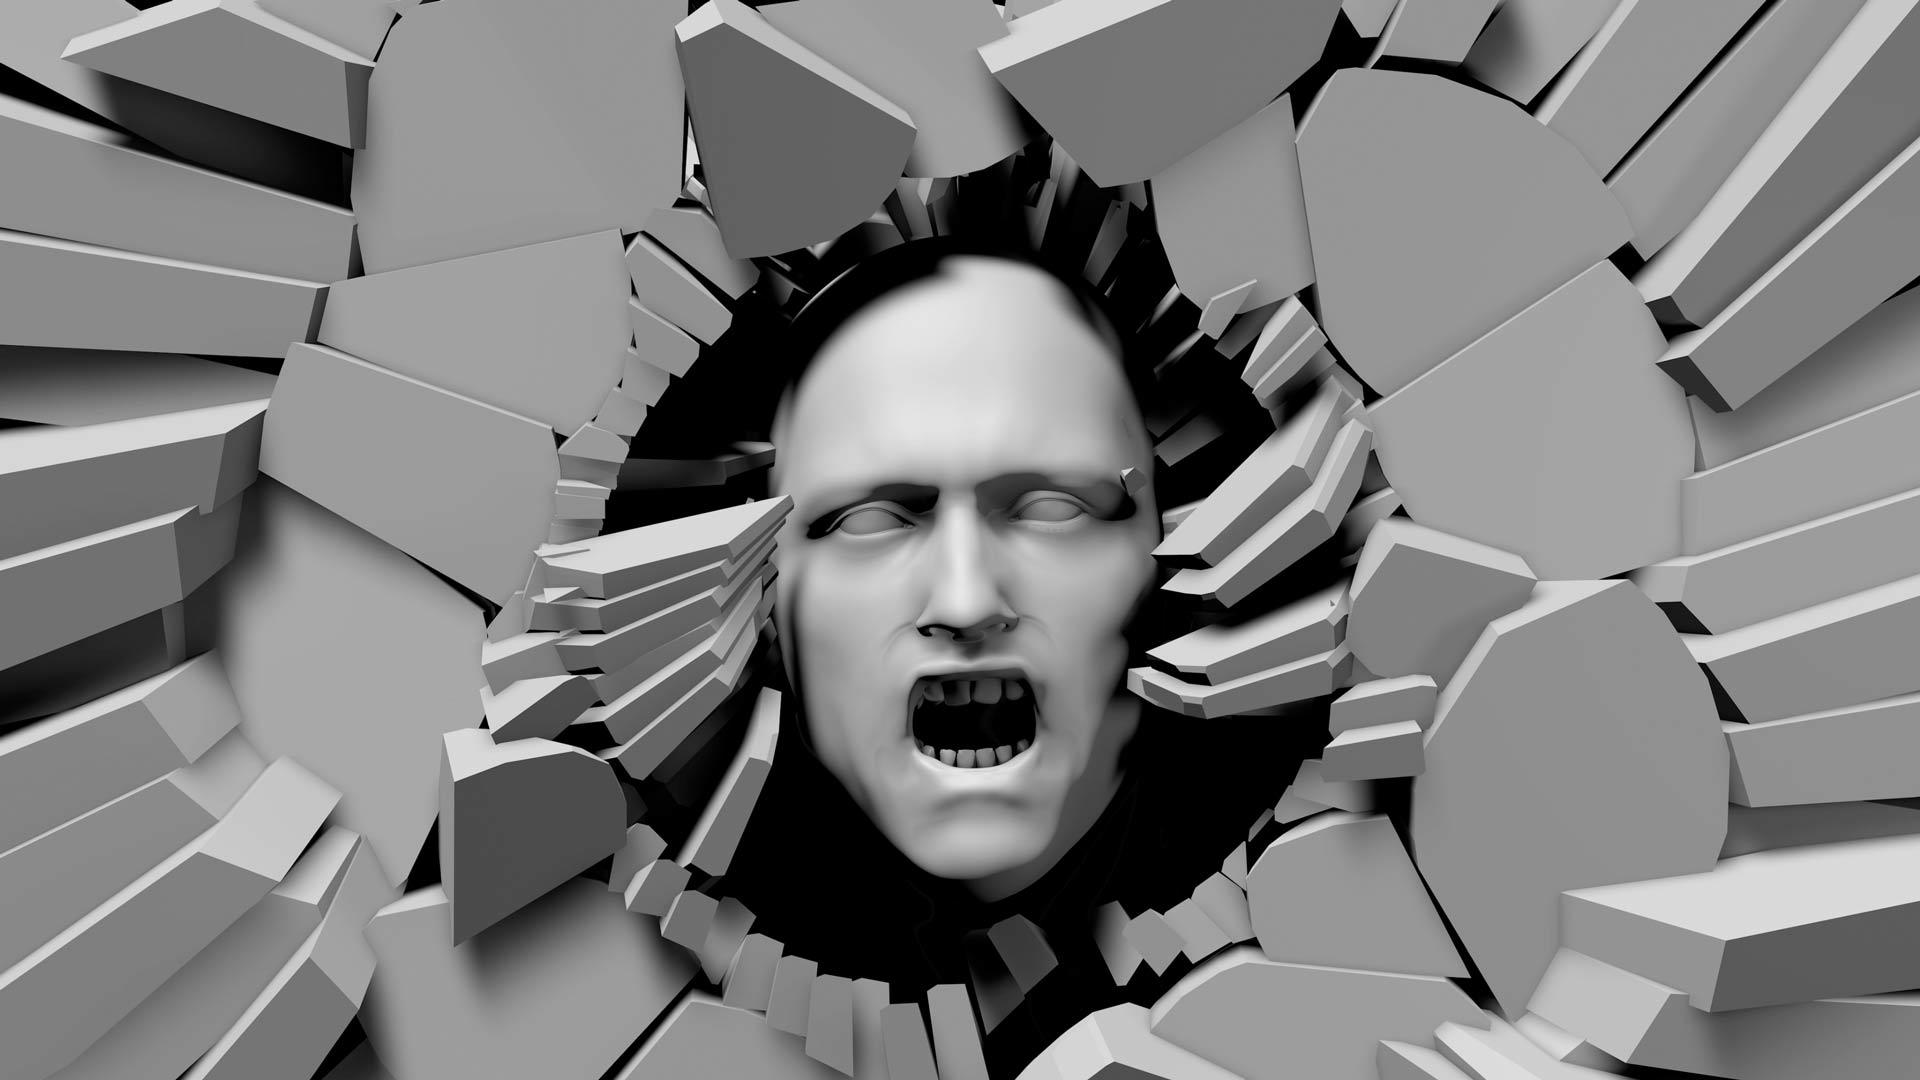 3D_Head_Animation_Face